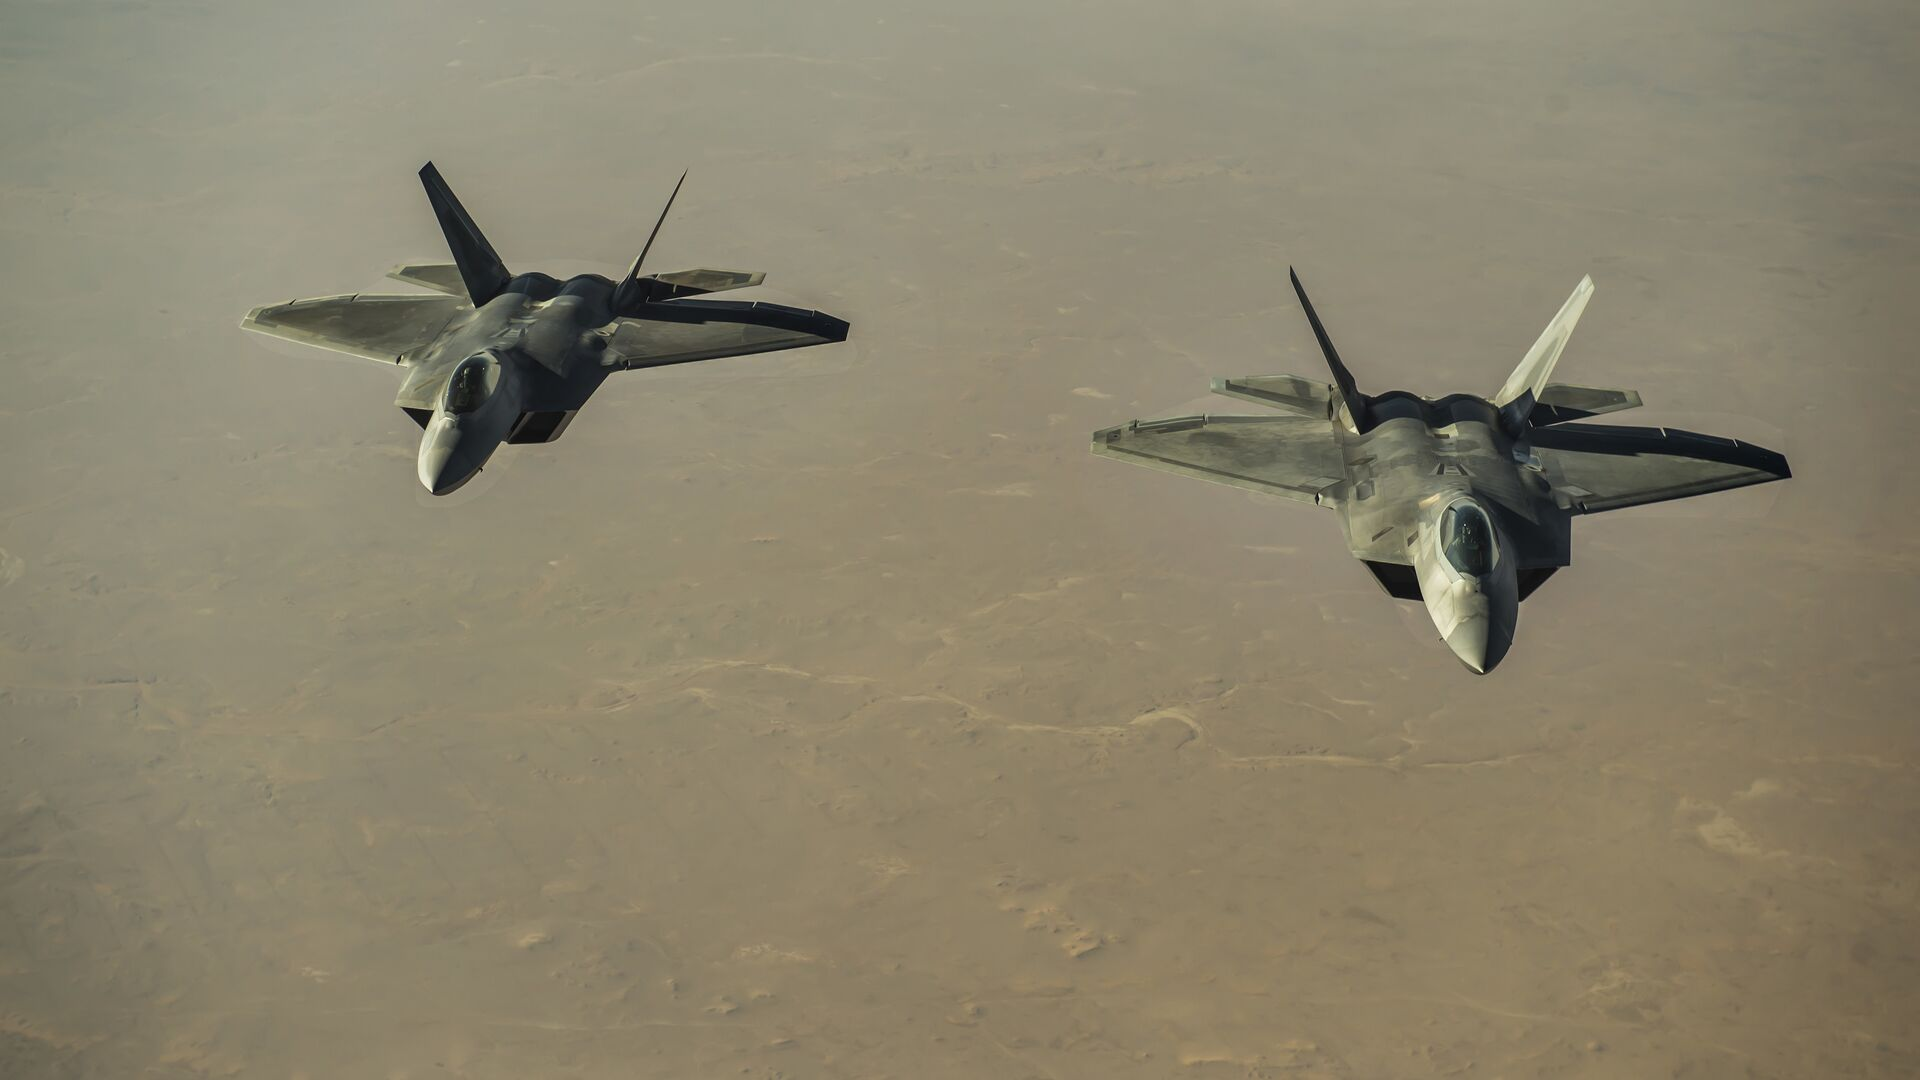 Американские истребители F-22 Raptor над территорией Сирии - РИА Новости, 1920, 19.09.2021